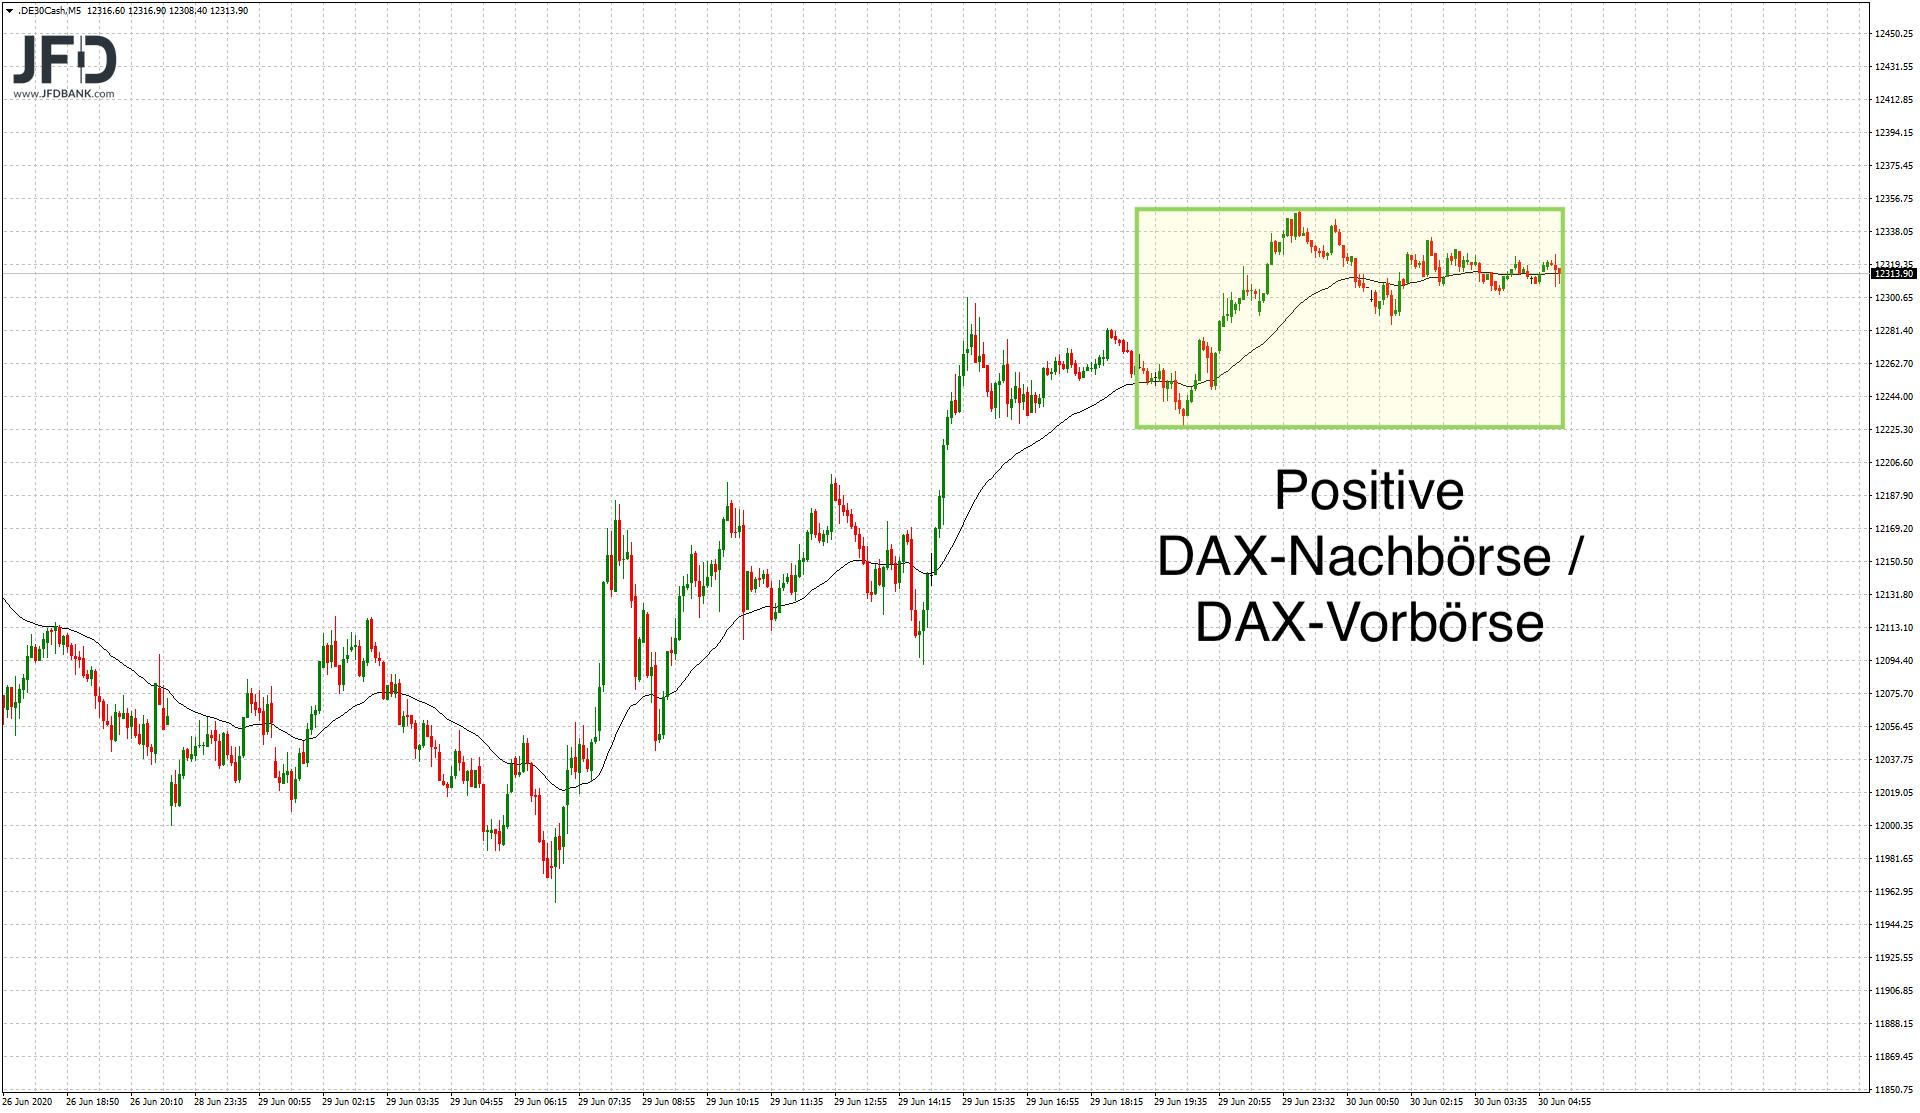 Test-12-000-im-DAX-bestanden-Willkommen-zurück-in-der-Range-Kommentar-JFD-Bank-GodmodeTrader.de-5